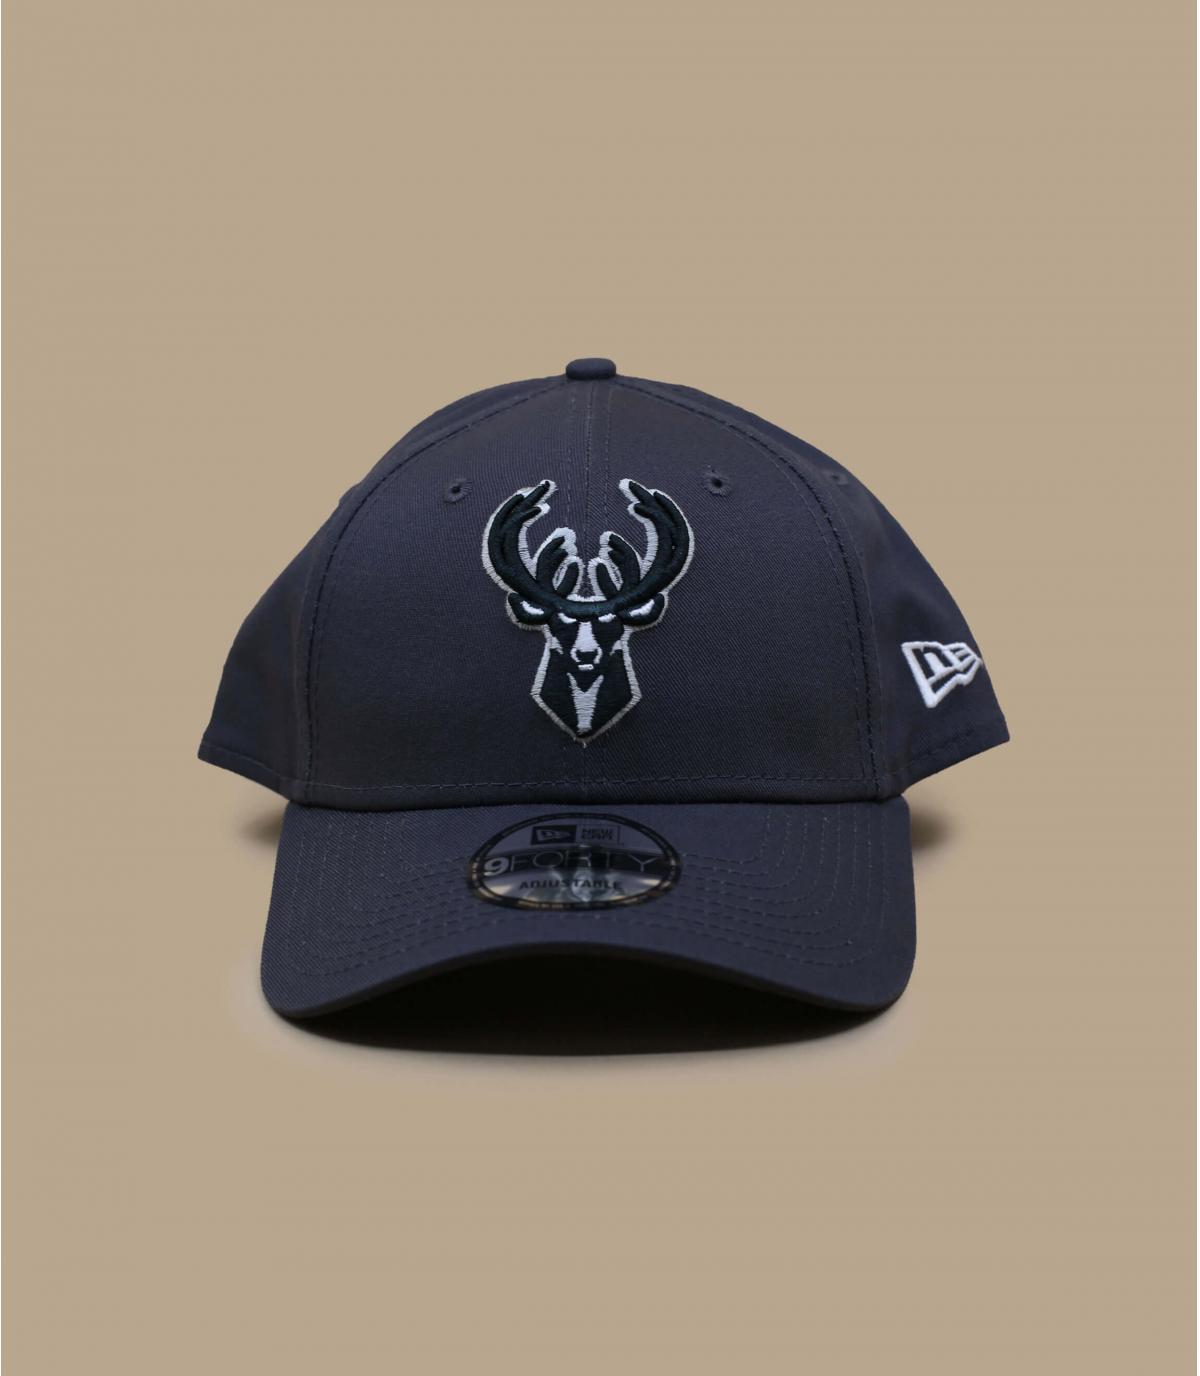 grey Bucks cap